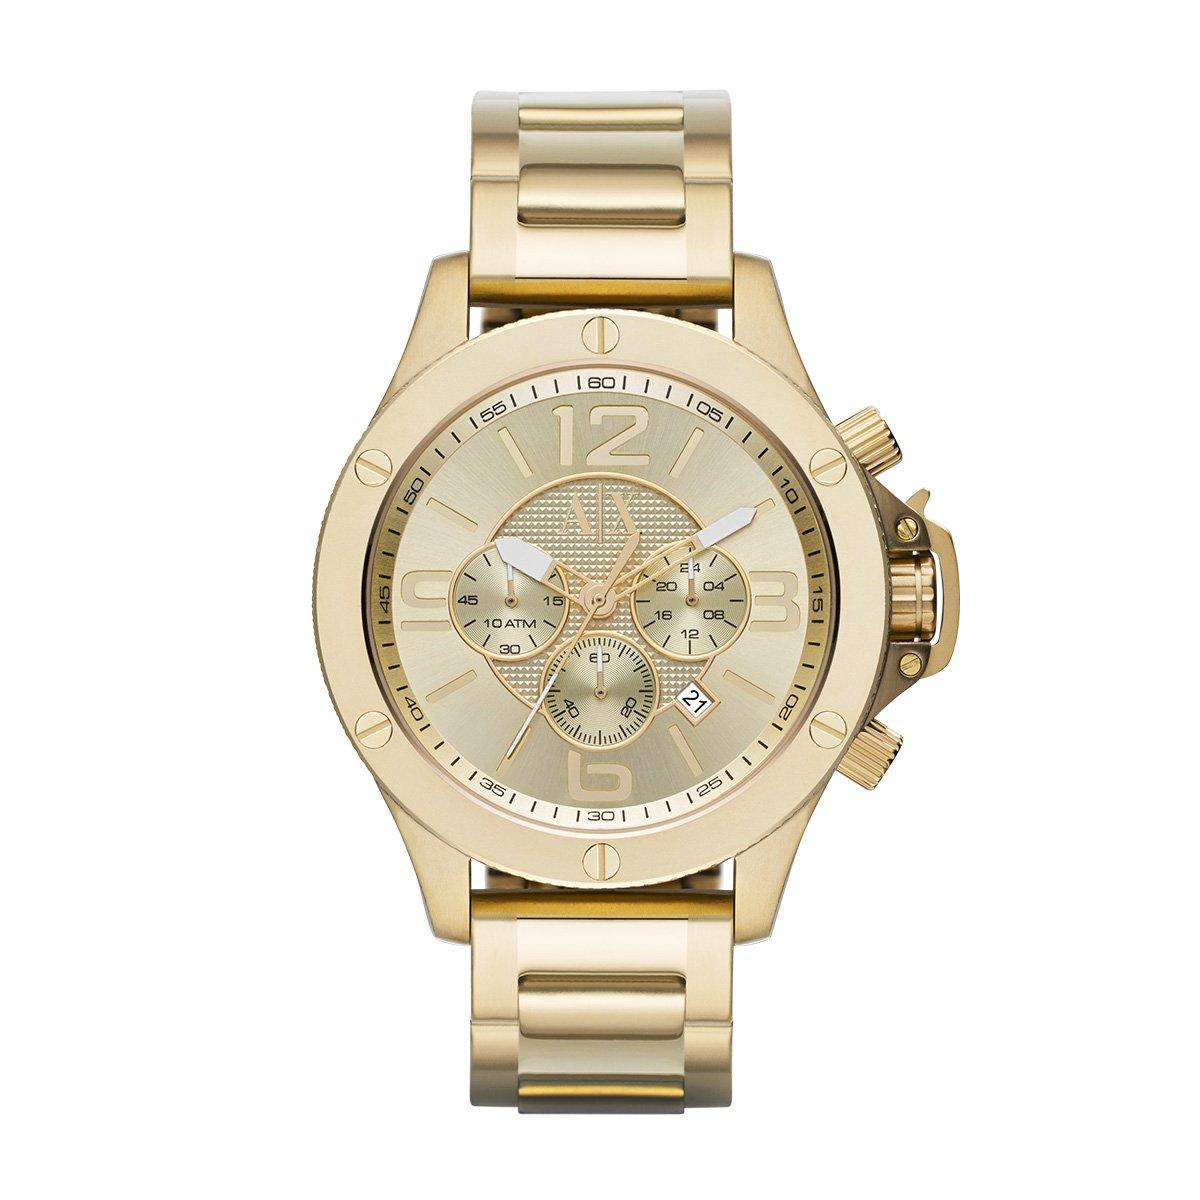 reloj armani liverpool,relojes armani dorado,reloj armani